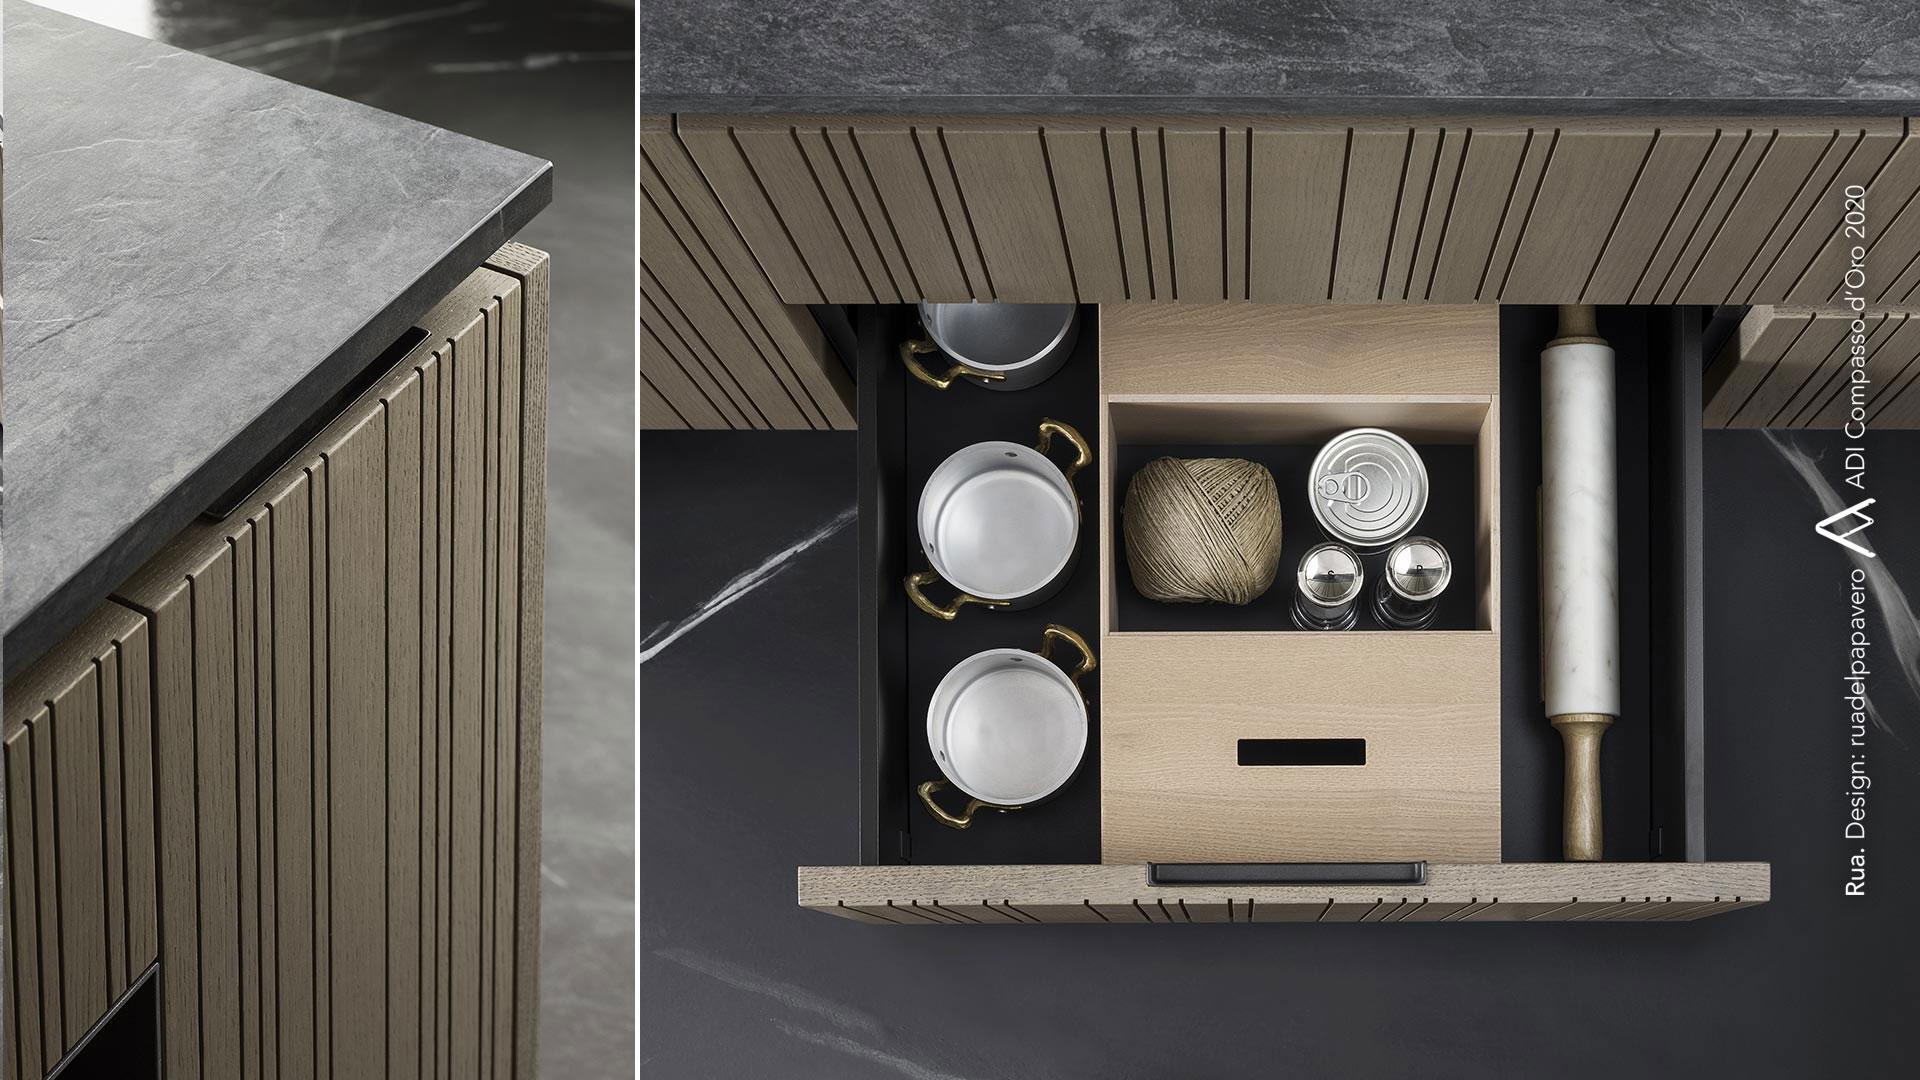 Cucina con isola e cucina il legno collezione RUA - collezione_rua-003